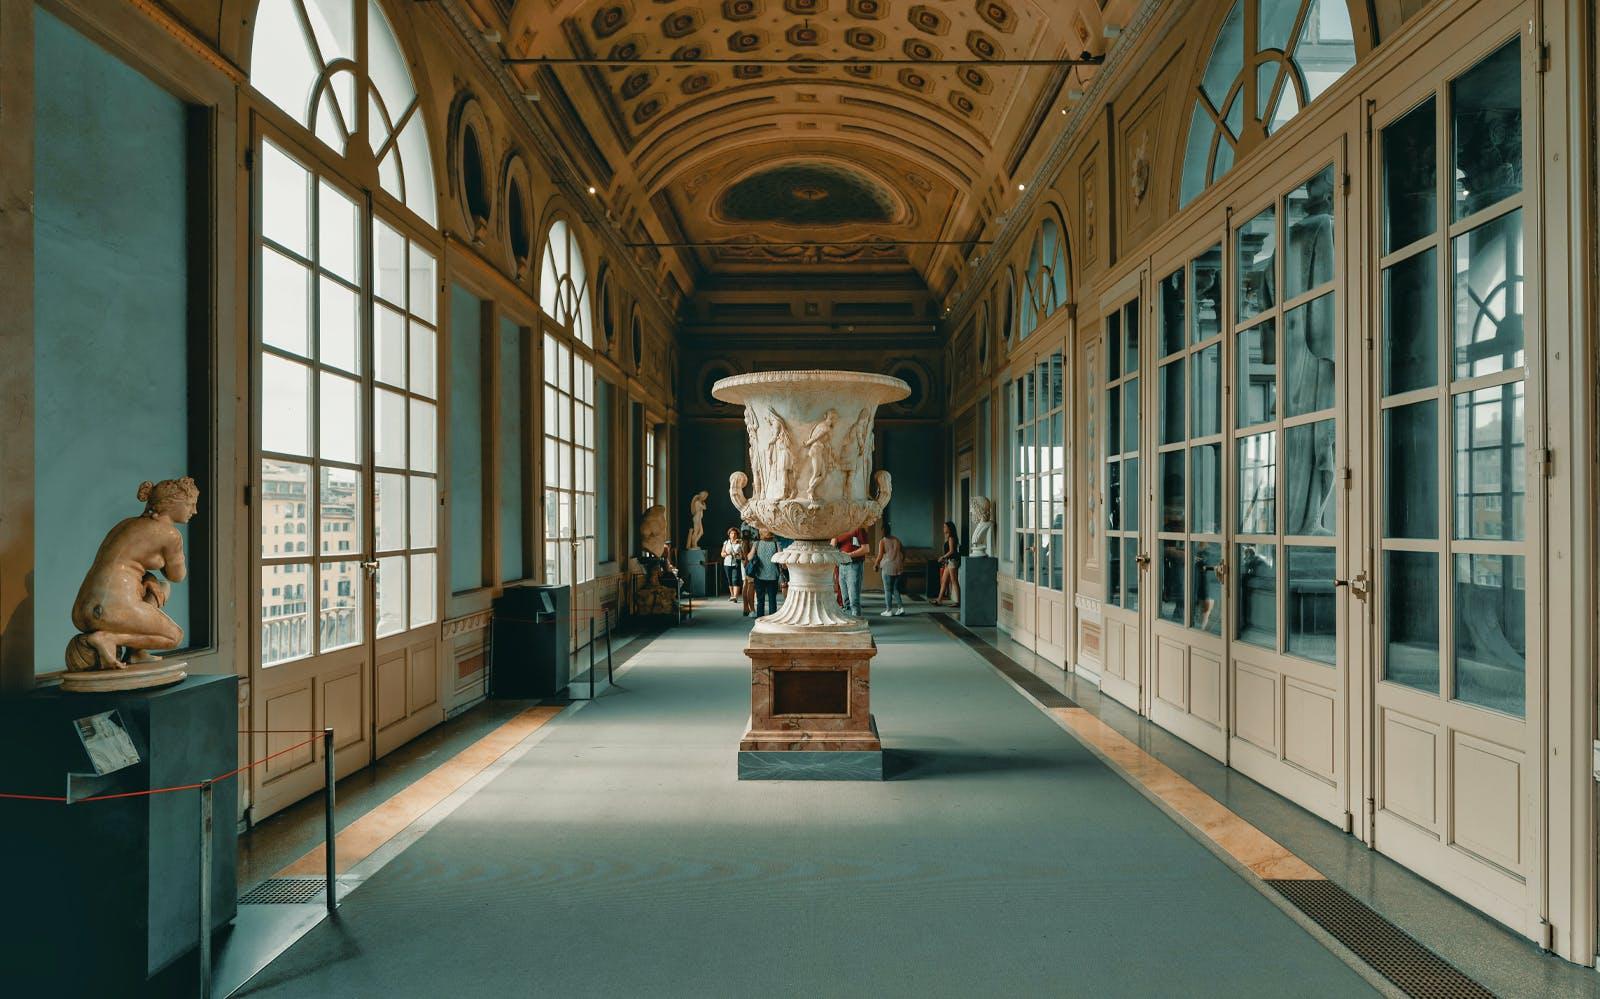 Uffizi Gallery Reopens